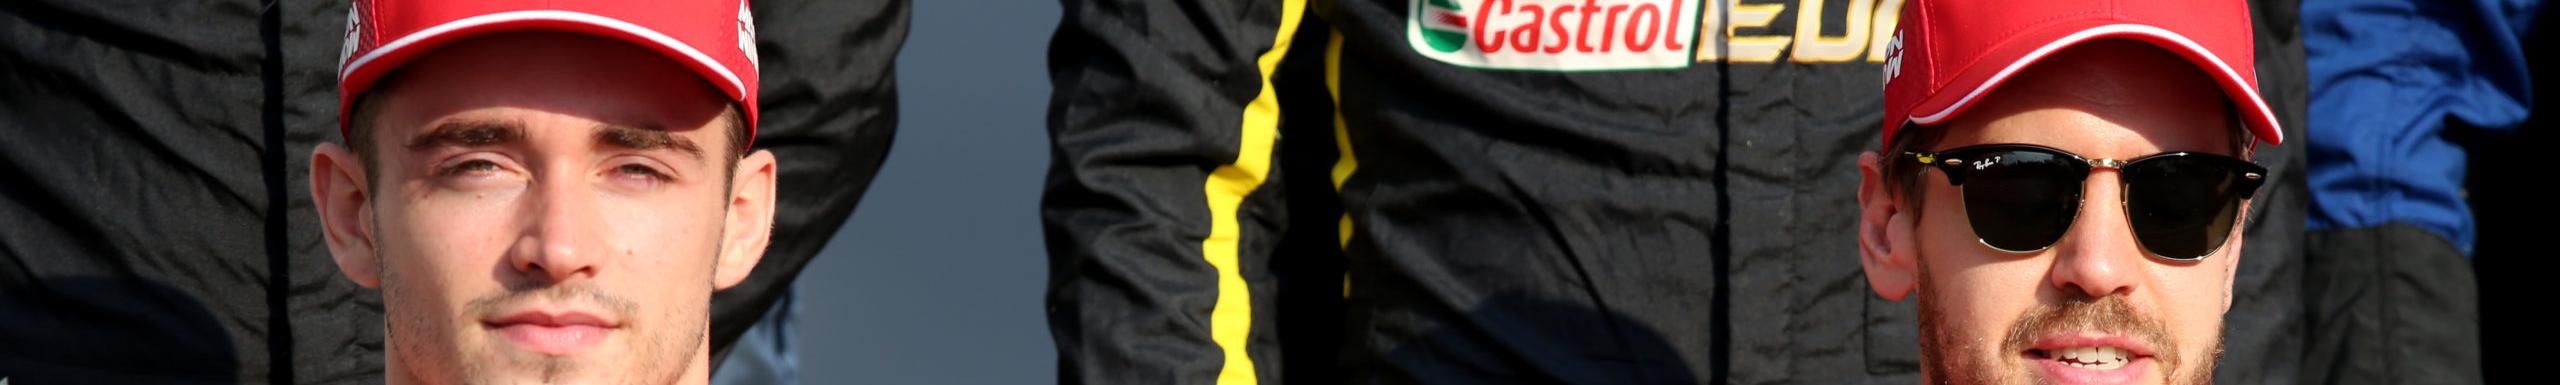 GP Italia 2020: Hamilton sempre favorito, Ferrari sempre in crisi